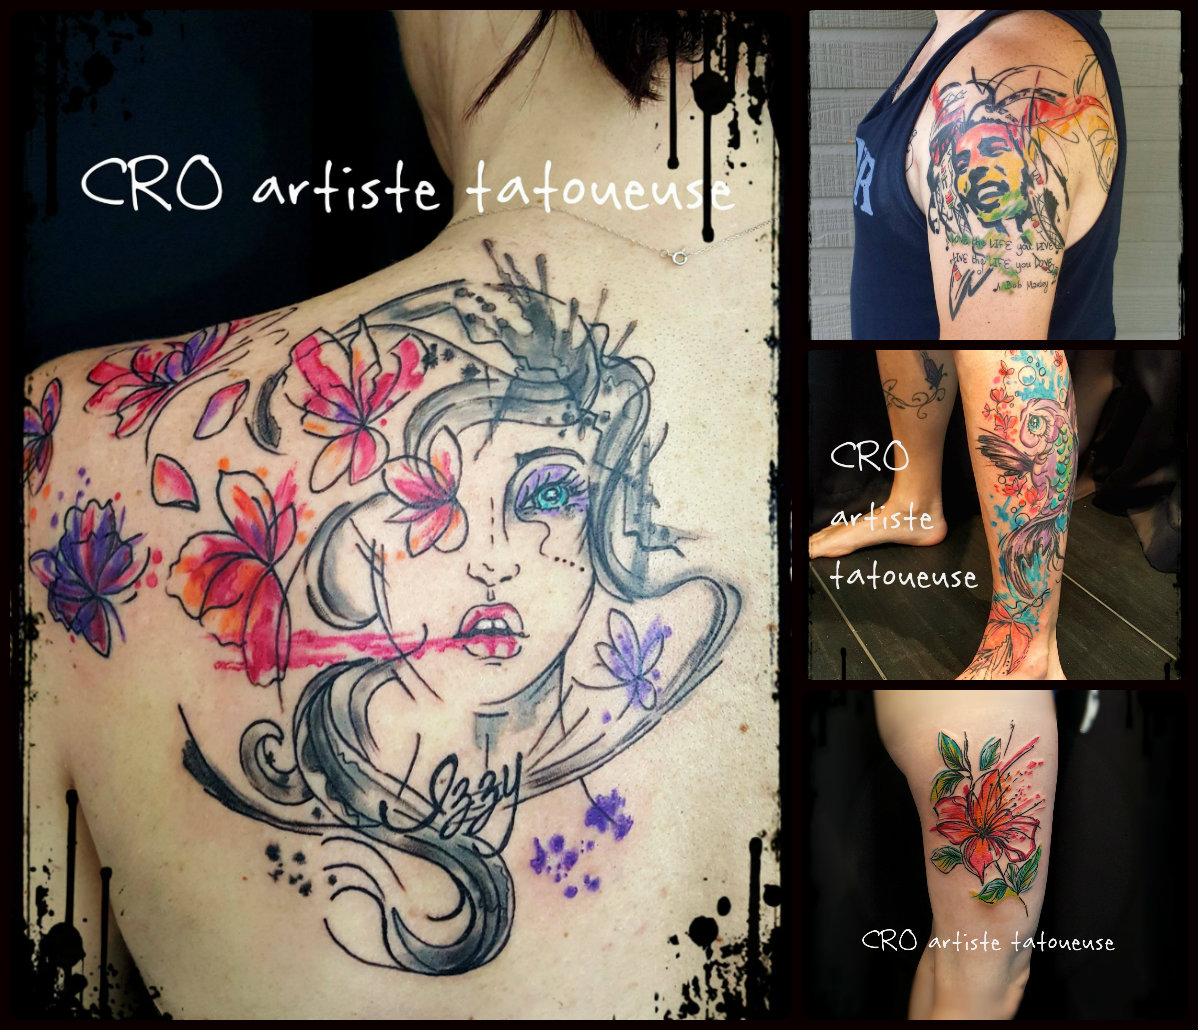 Tattoo Aquarelle Cro Artiste Tatoueuse